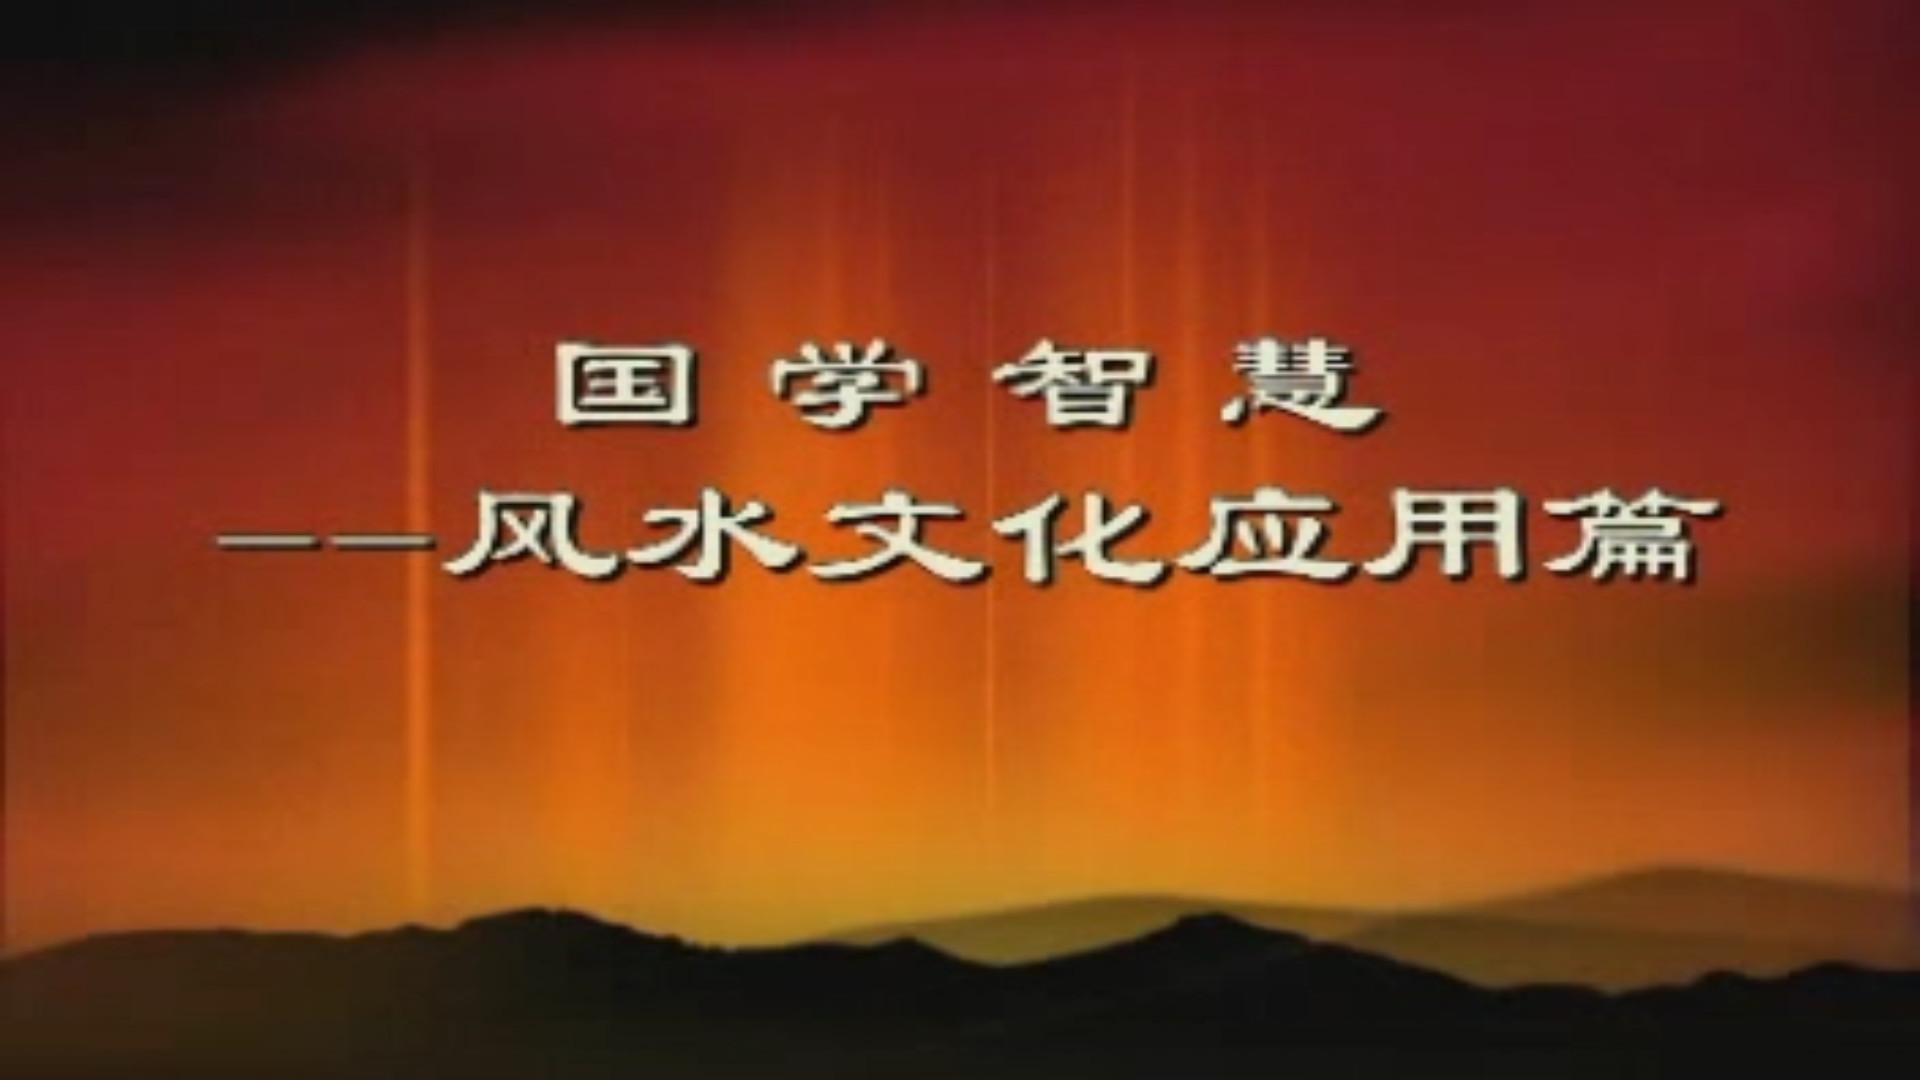 于希贤-国学智慧-风水文化:应用篇-要福利,就在第一福利!